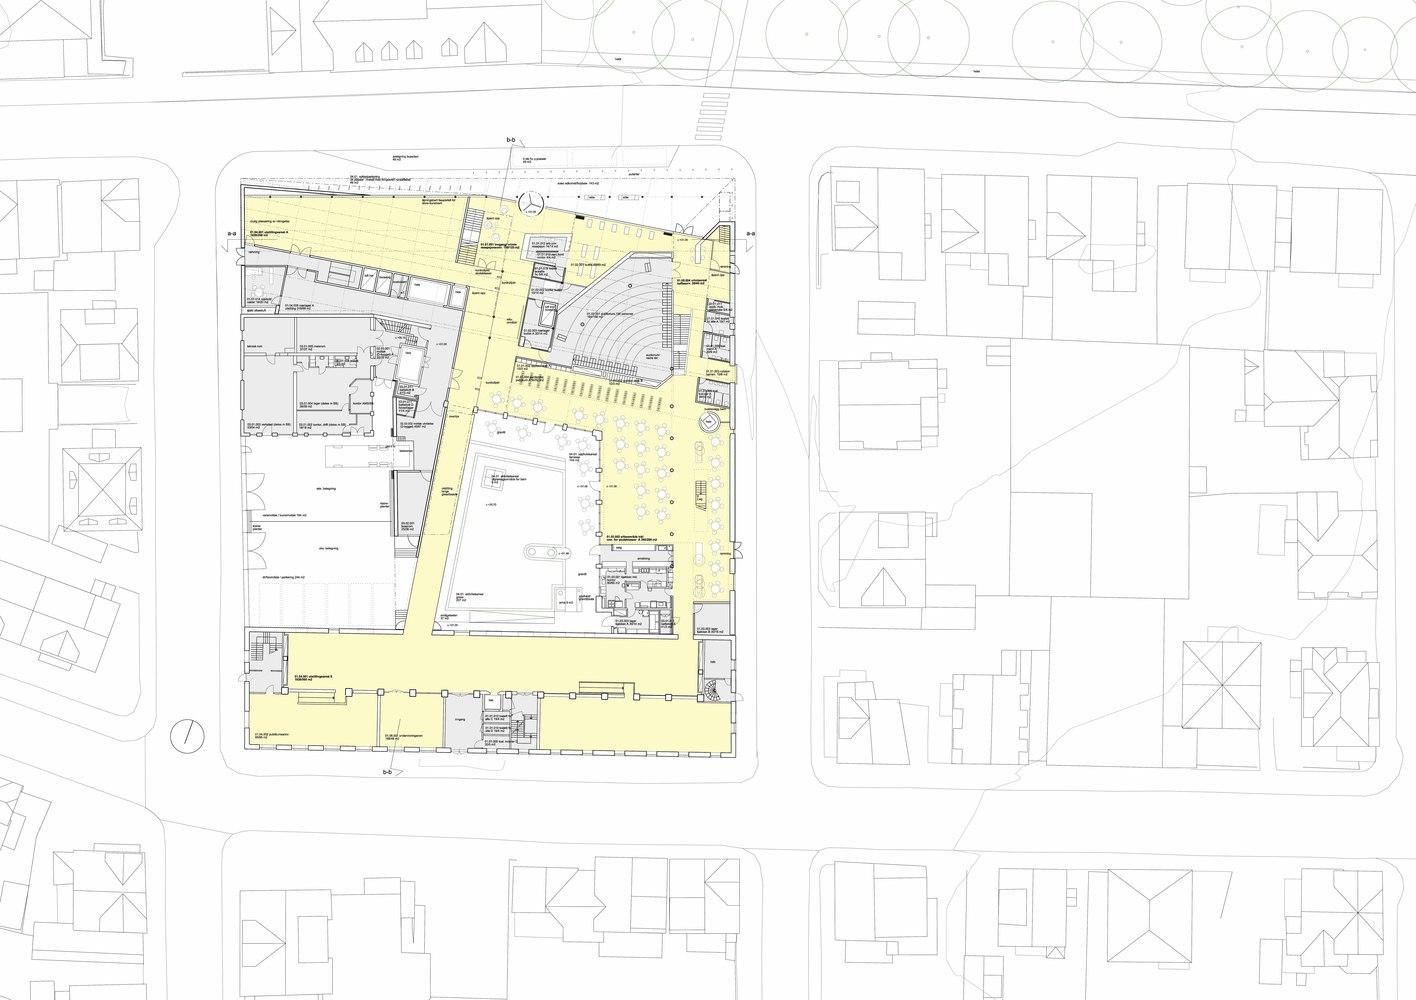 stavanger museum of archeology lund slaatto architects ground floor plan [ 1416 x 1000 Pixel ]